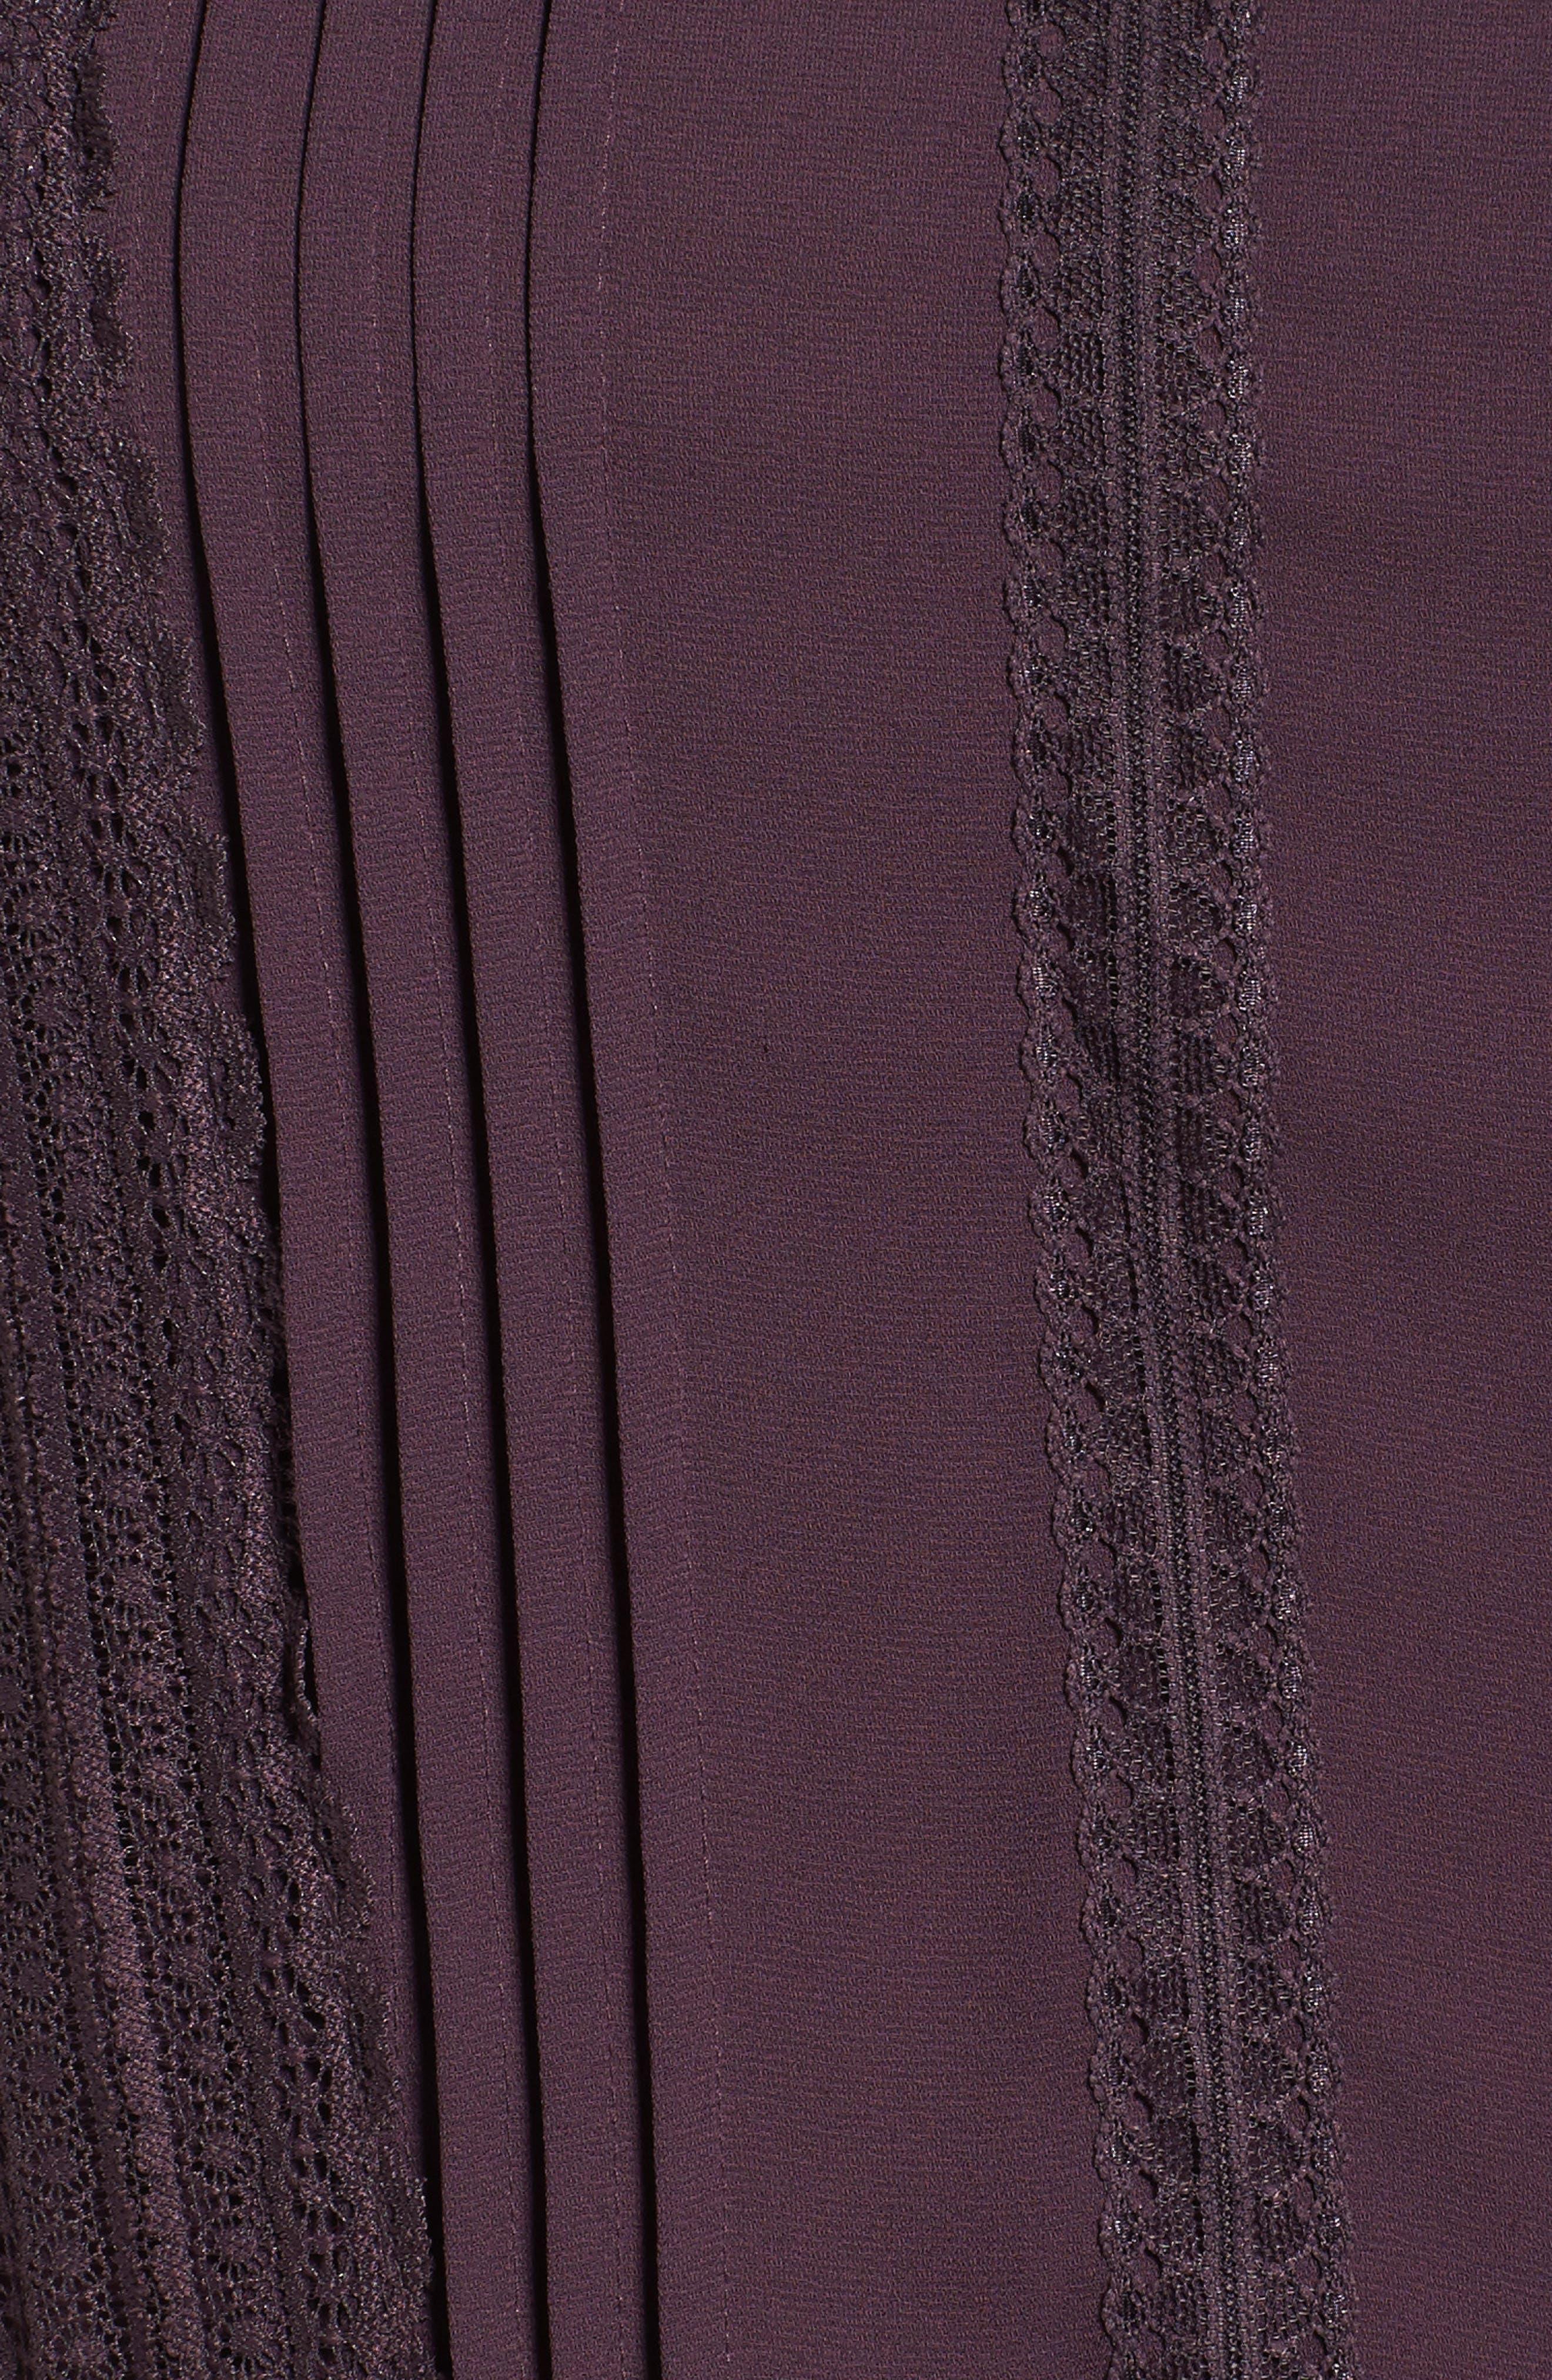 Lace Trim Peplum Blouse,                             Alternate thumbnail 14, color,